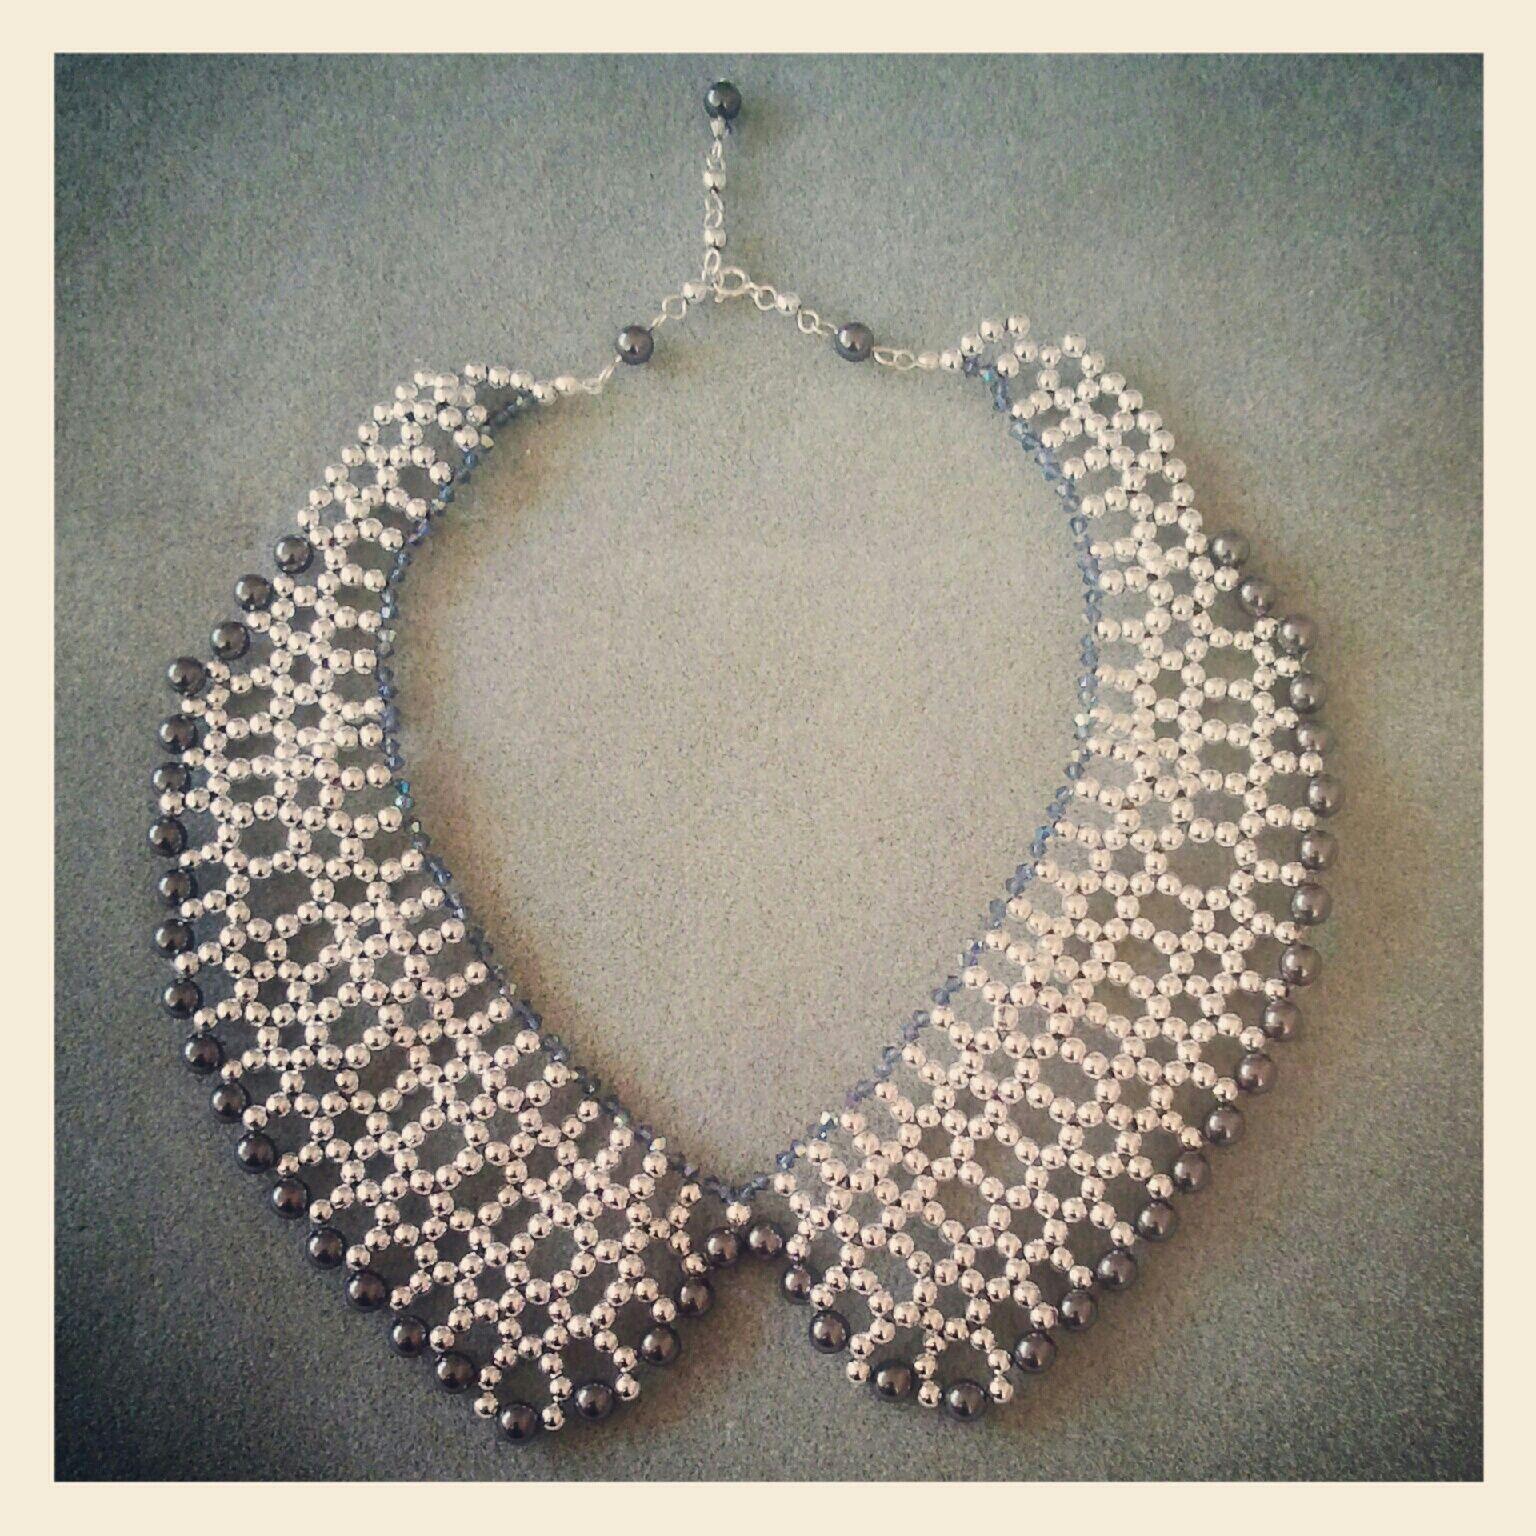 diy beaded collar   beaded collar, beads and craft